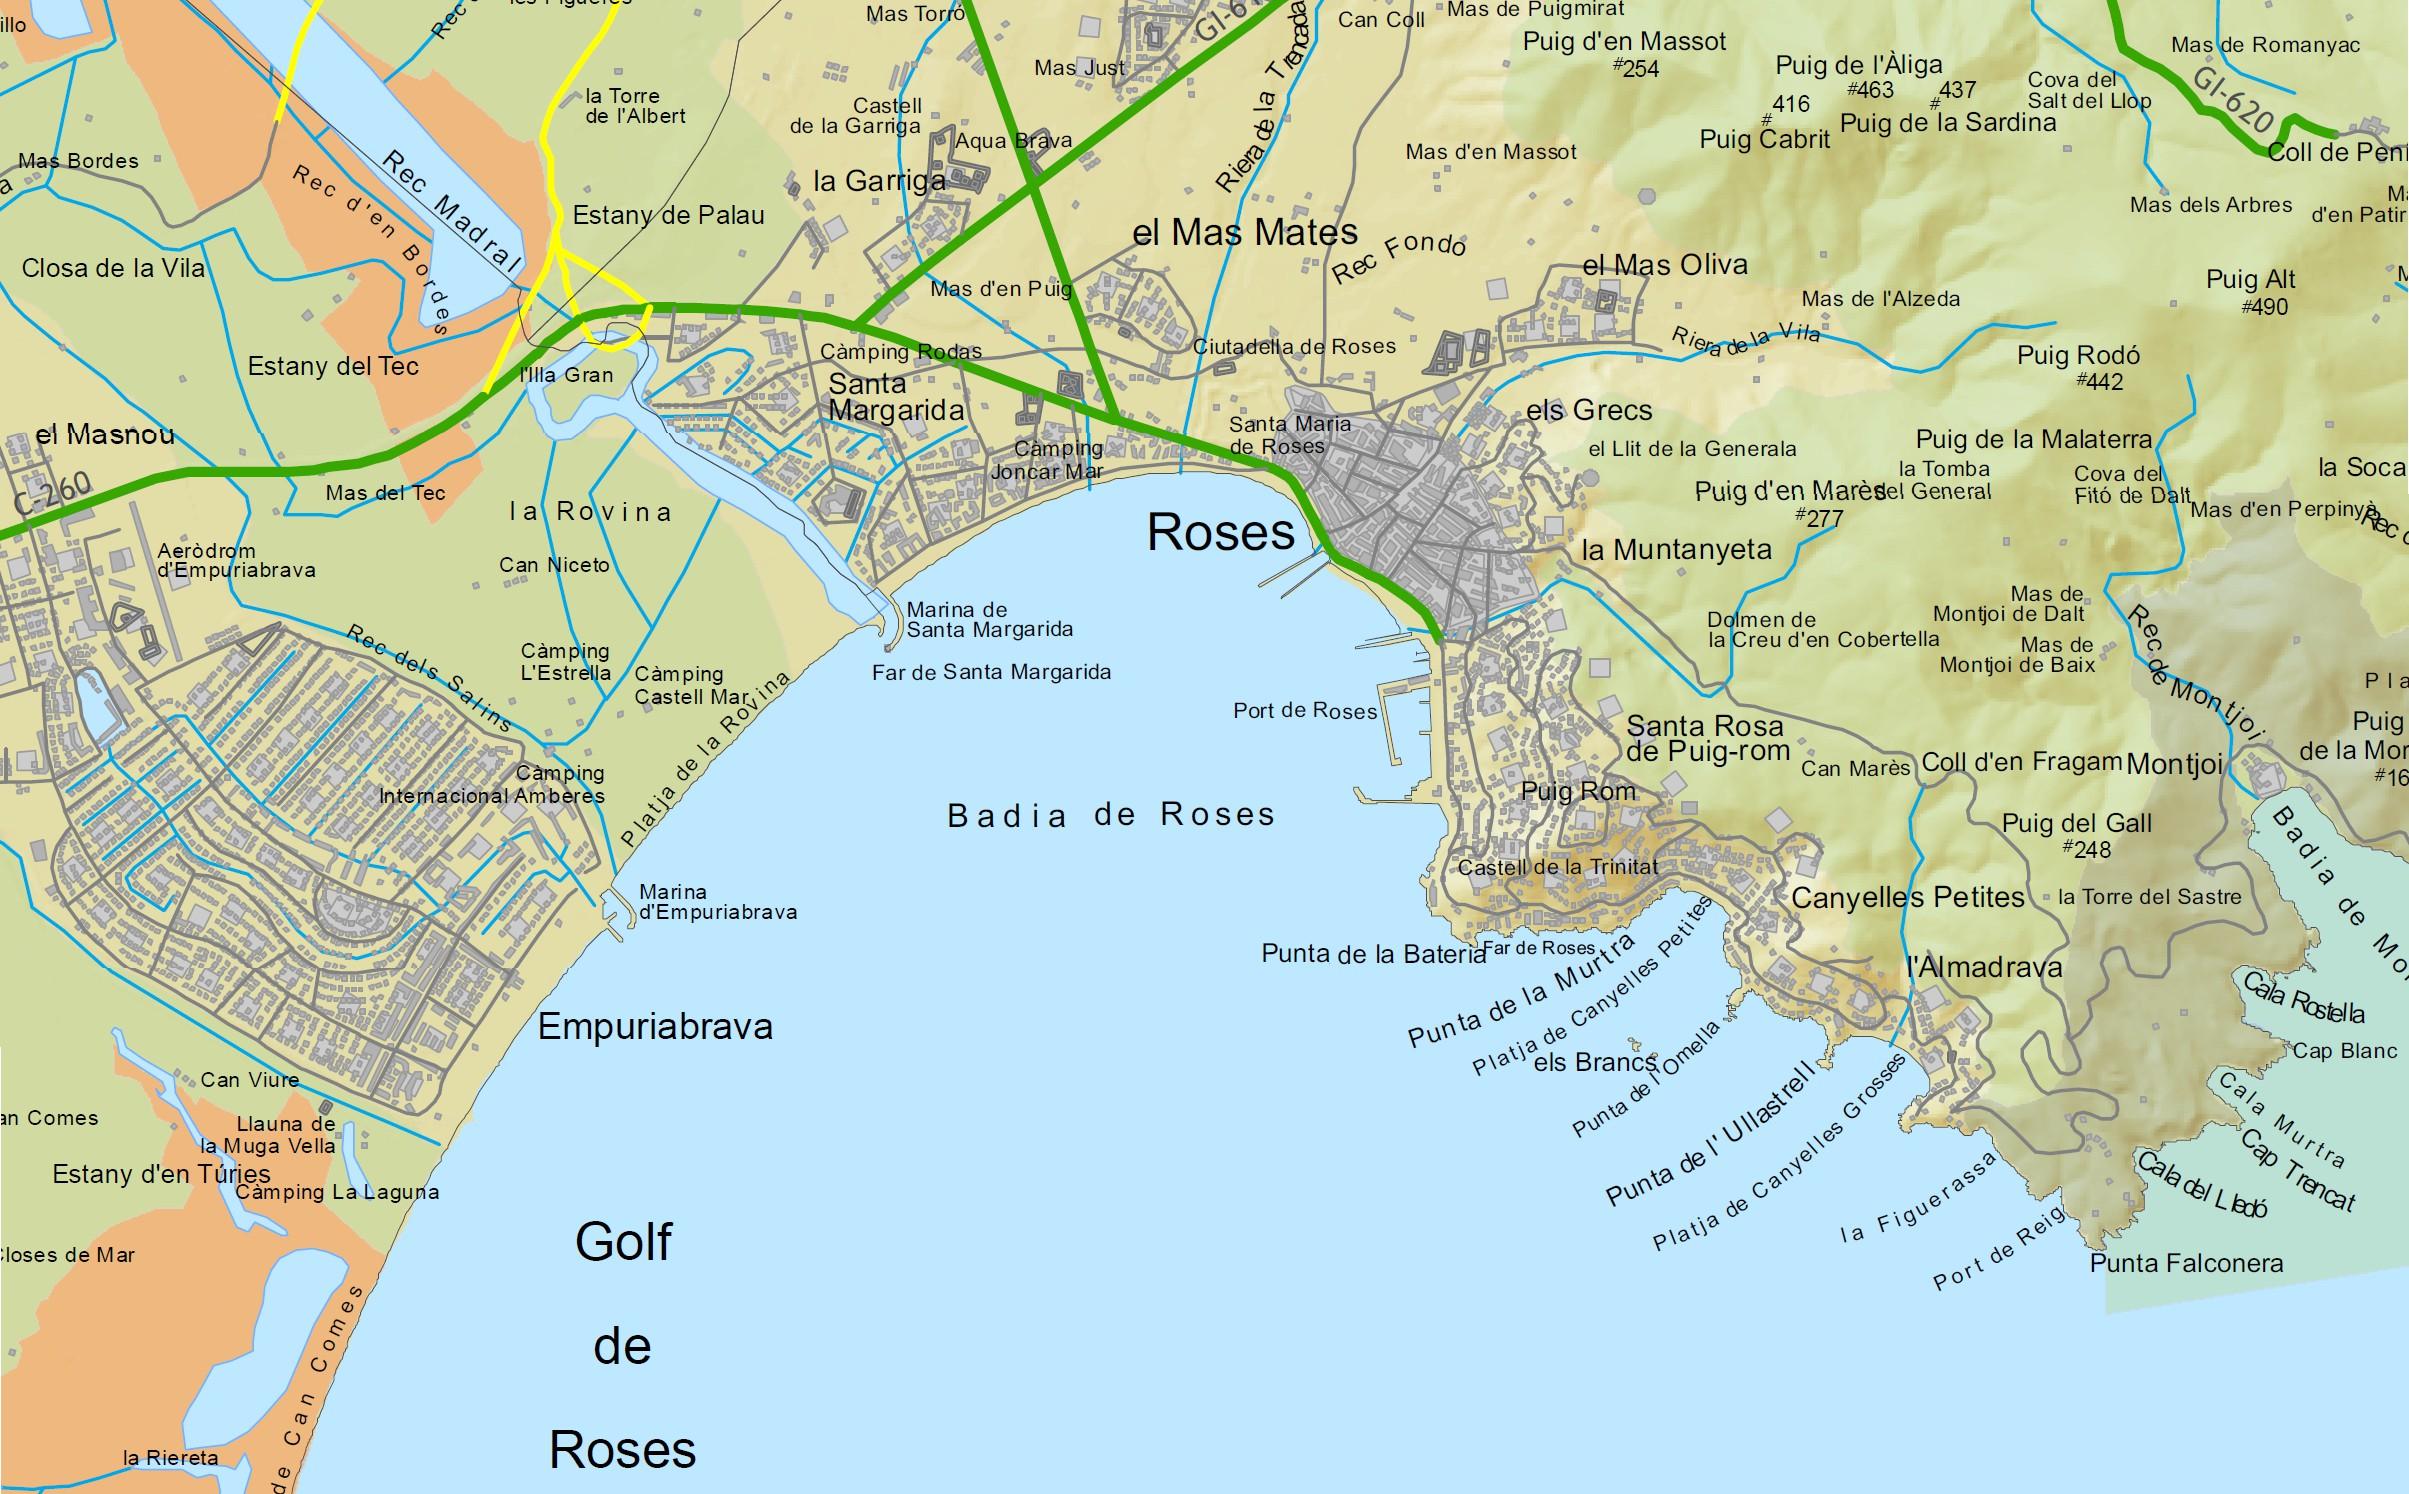 Carte Espagne Avec Plages.Carte Rosas Espagne Au Nord De La Costa Brava